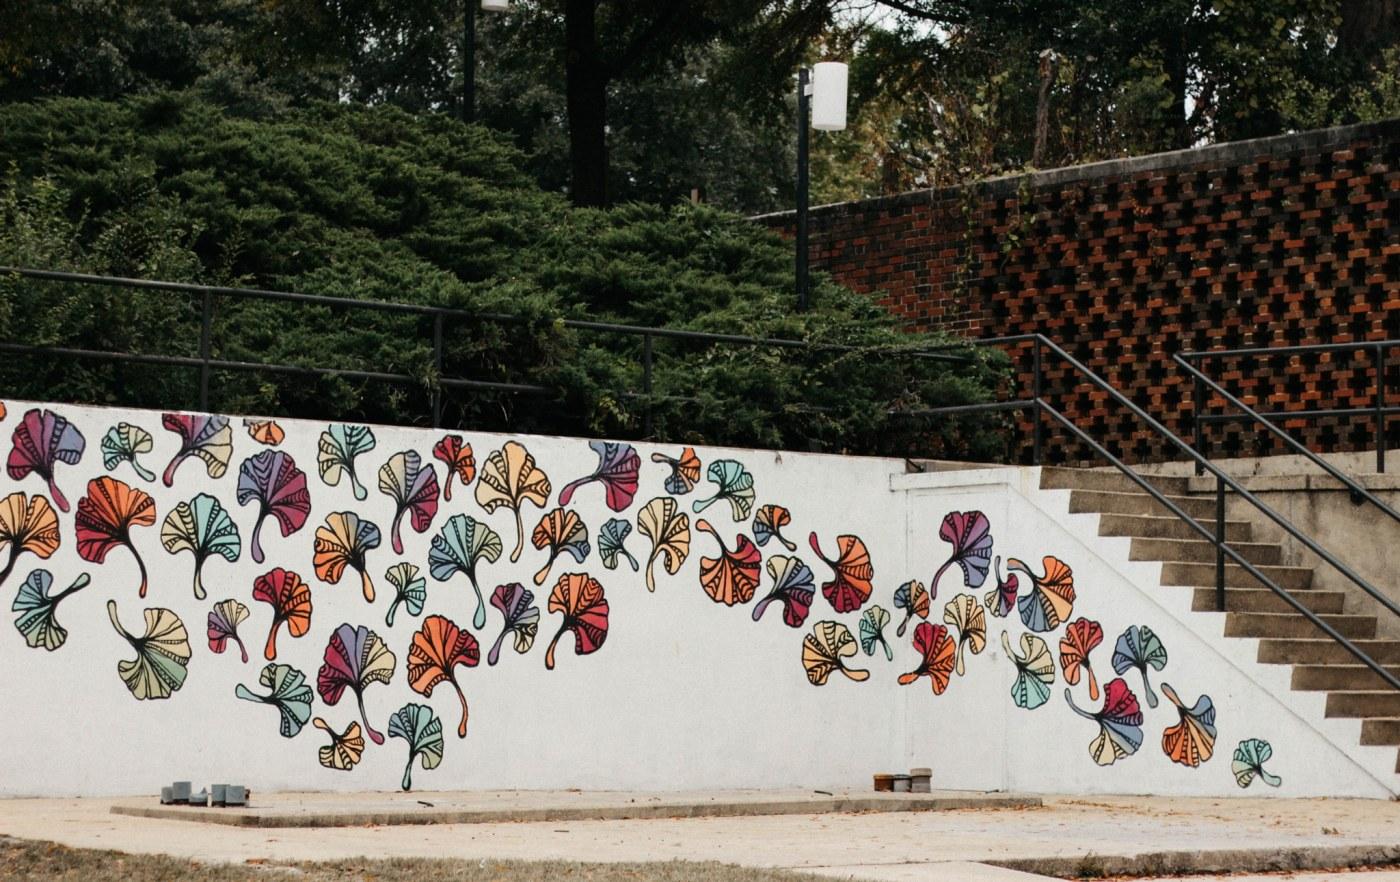 Gingko mural